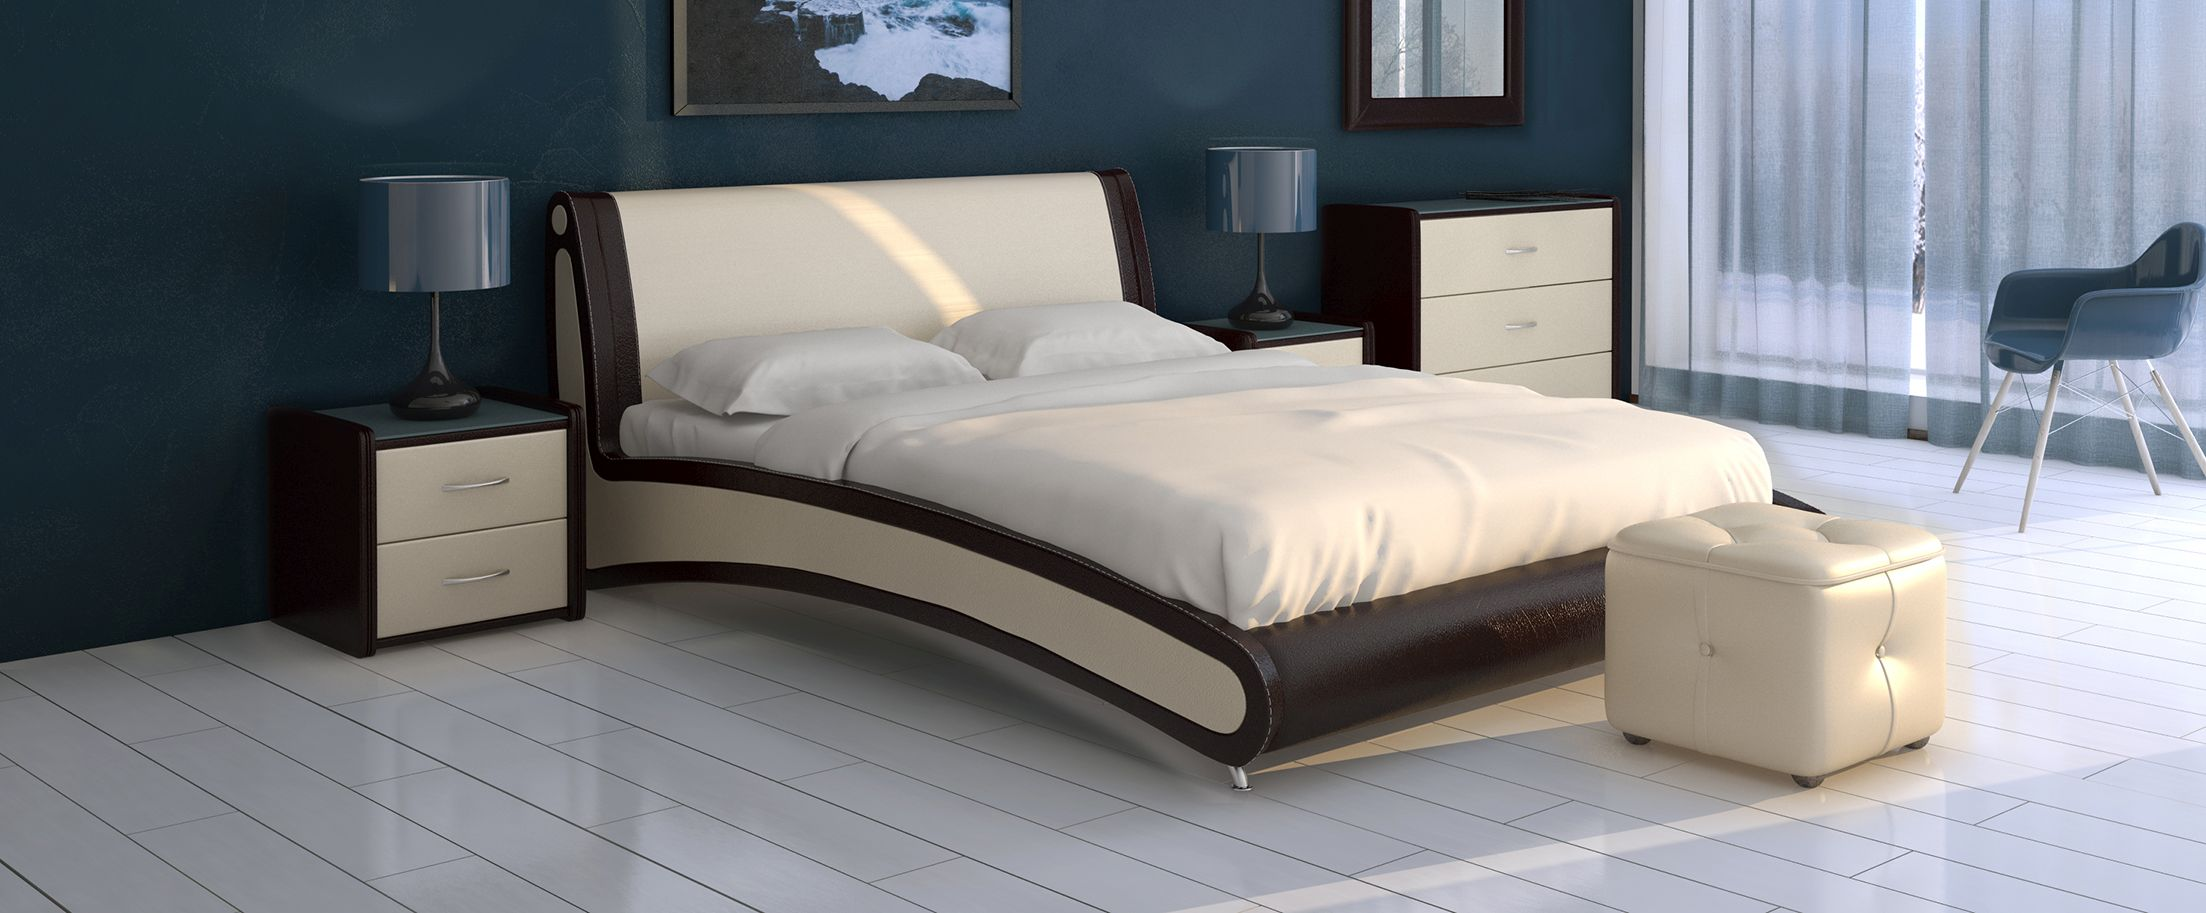 Кровать двуспальная Помпиду Модель 394Стильная двухцветная кровать необычной формы, несомненно, станет центром внимания вашей спальни. Задняя часть спинки выполнена из экокожи.<br>